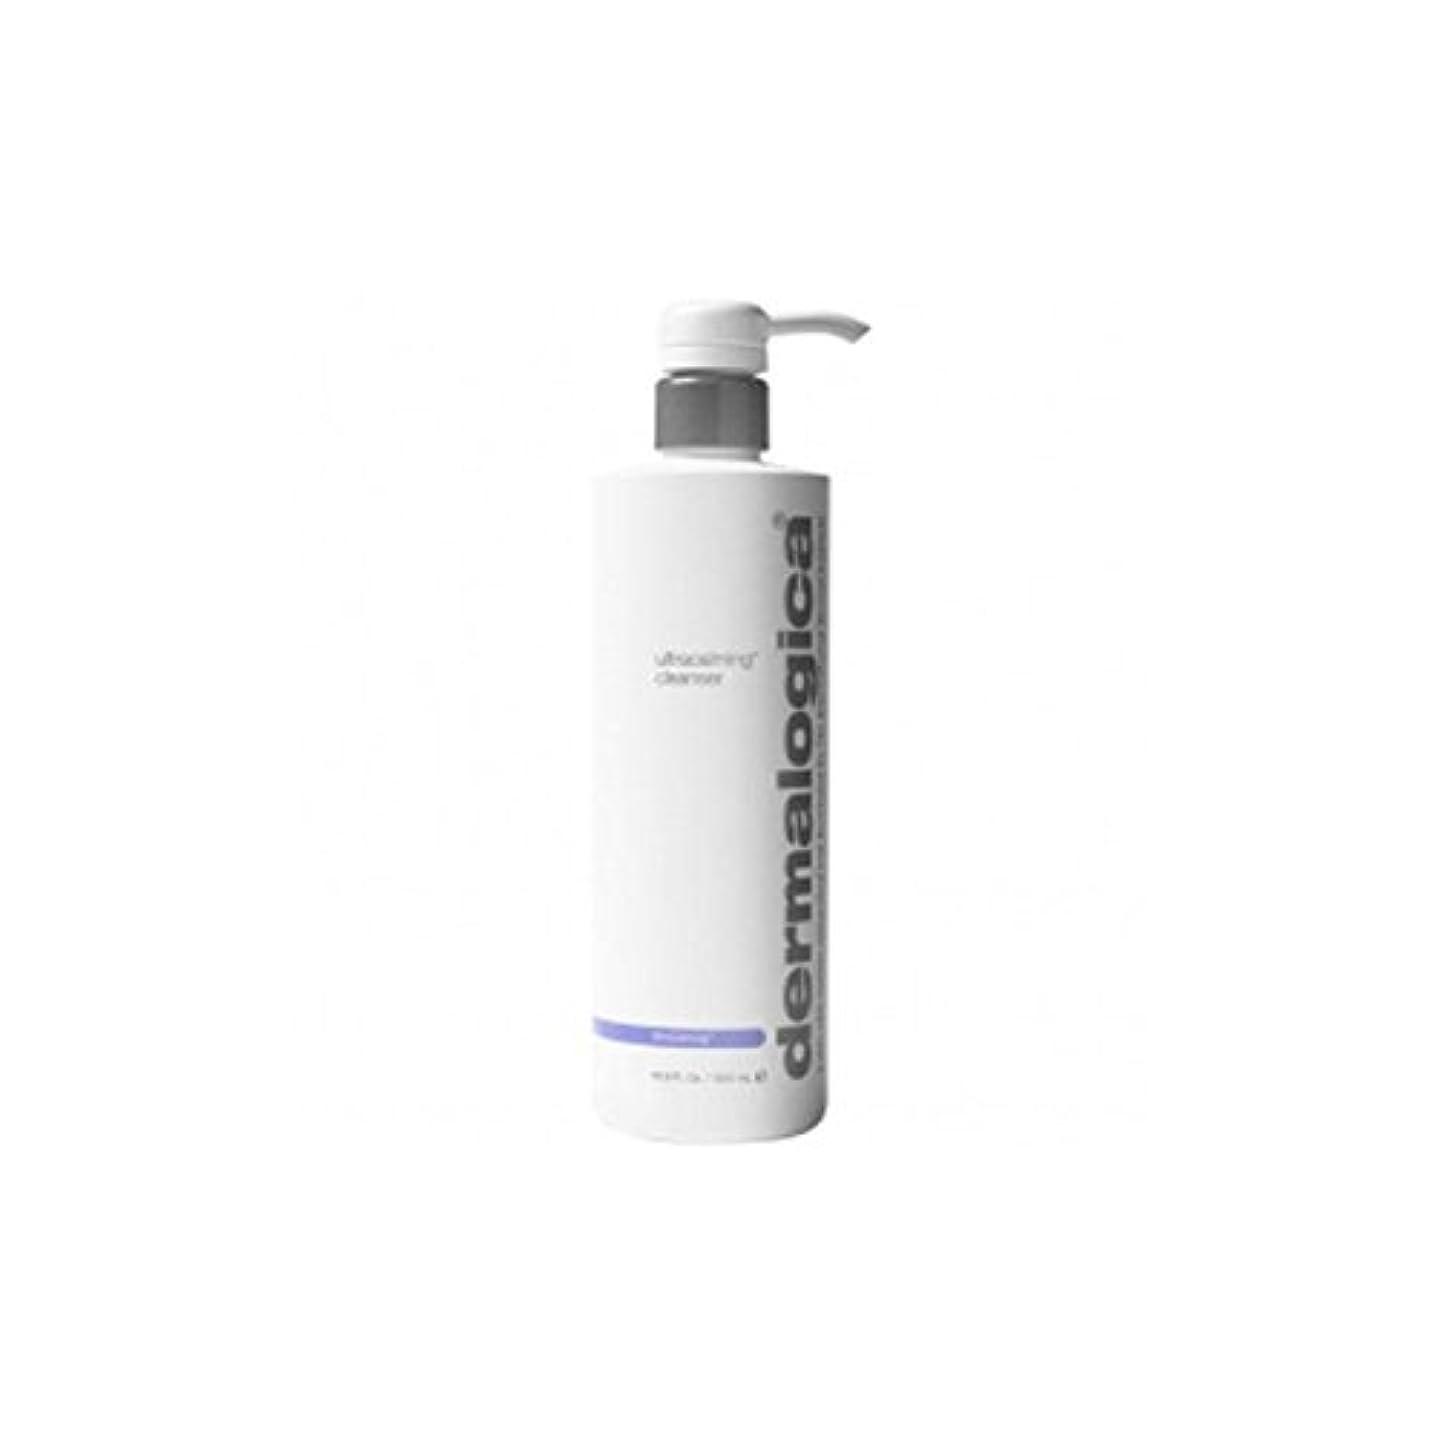 快適セーブ創傷Dermalogica Ultracalming Cleanser (500ml) - ダーマロジカクレンザー(500ミリリットル) [並行輸入品]